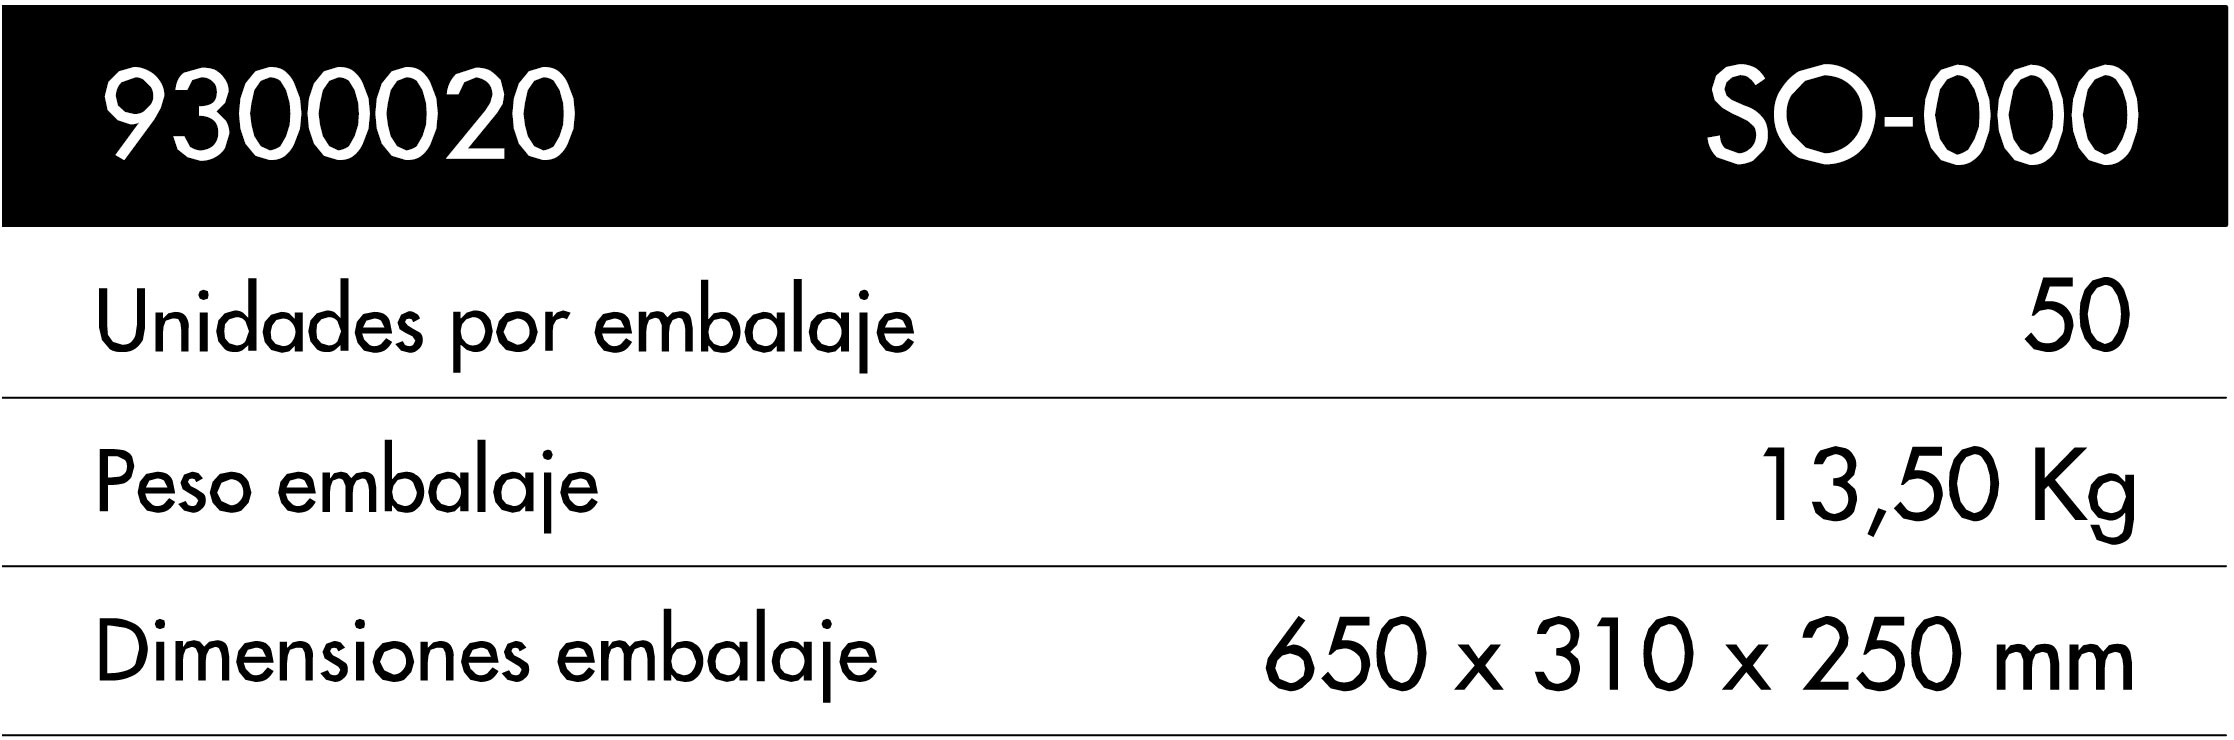 9300020-tablaES.jpg